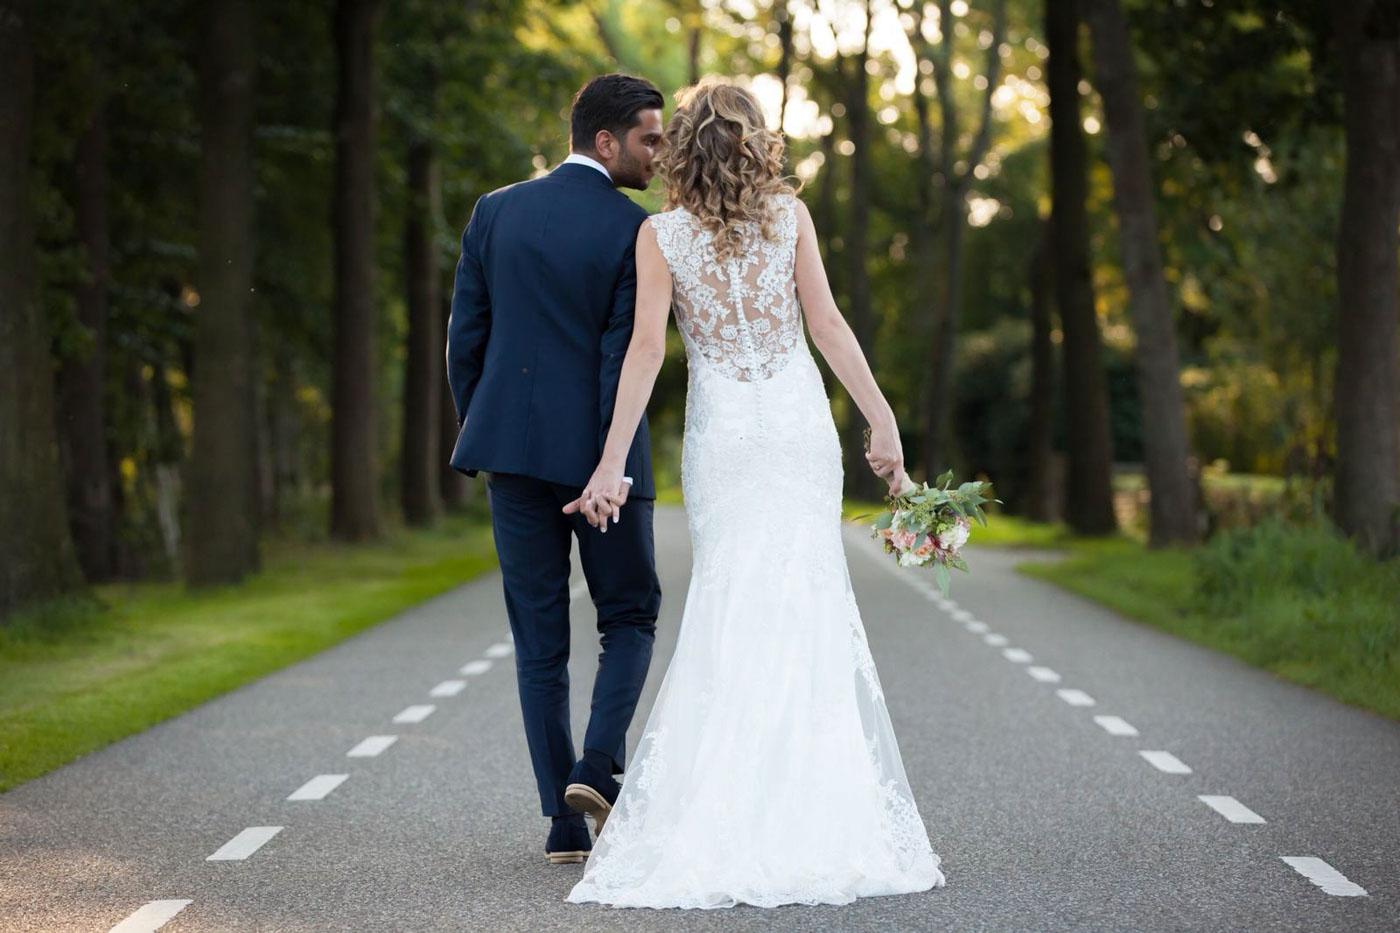 Wedding Photography Squamish Photoshoot